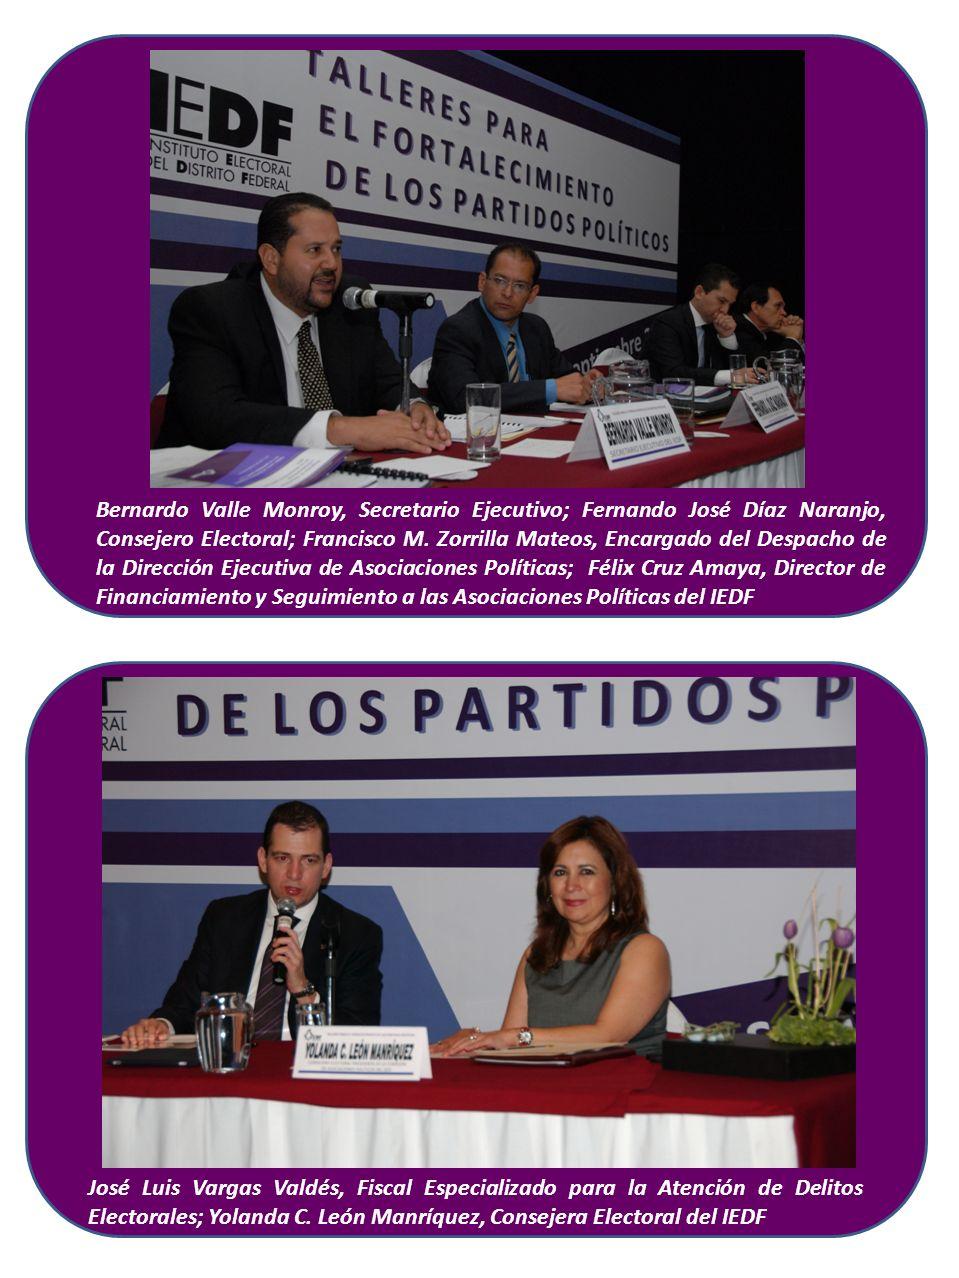 Bernardo Valle Monroy, Secretario Ejecutivo; Fernando José Díaz Naranjo, Consejero Electoral; Francisco M. Zorrilla Mateos, Encargado del Despacho de la Dirección Ejecutiva de Asociaciones Políticas; Félix Cruz Amaya, Director de Financiamiento y Seguimiento a las Asociaciones Políticas del IEDF